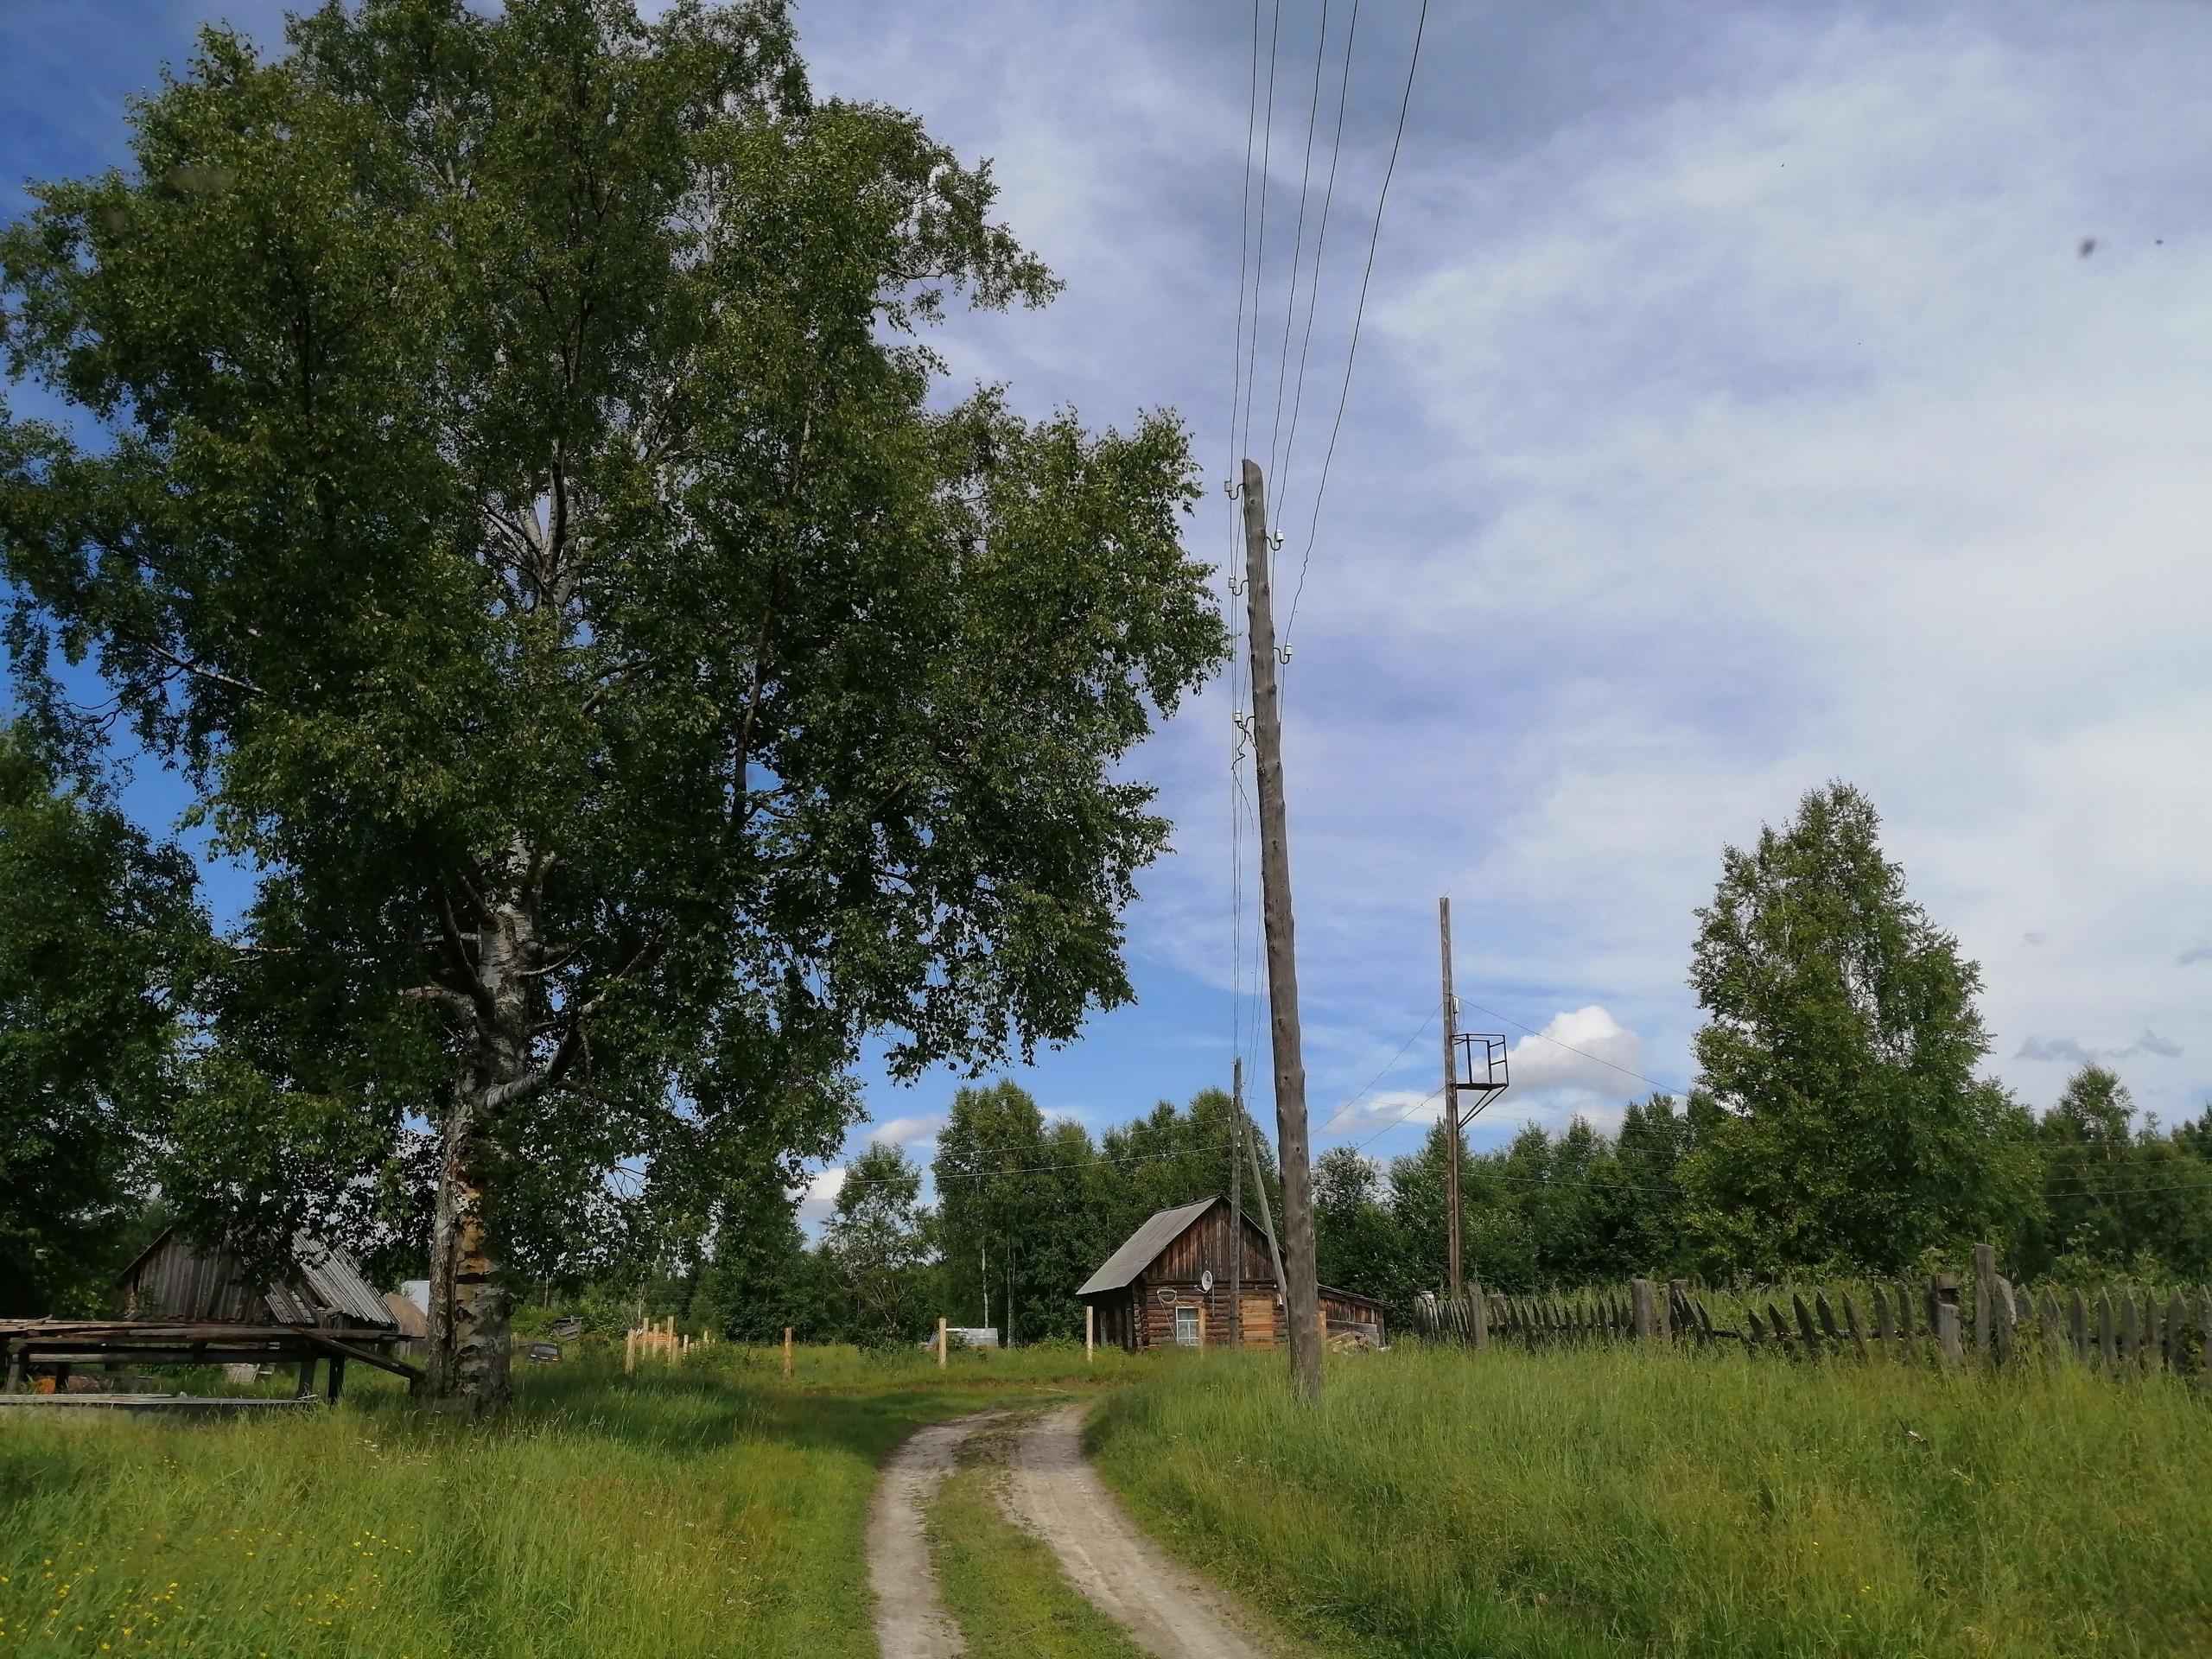 С. Напас, Каргасокский район, Томская область, июль 2021 - фото - Фото